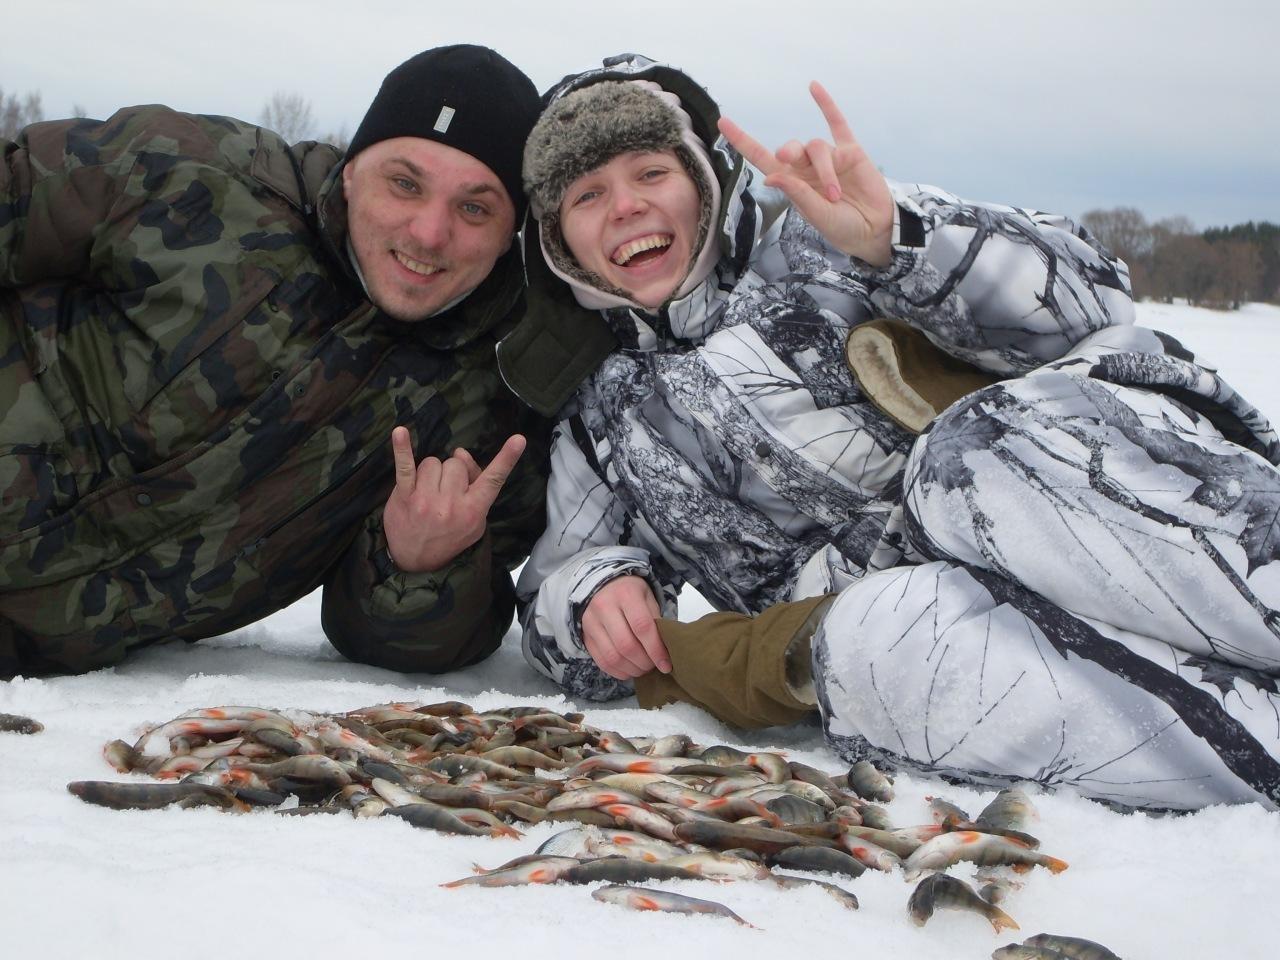 Фион рыбалка в братске, Город братск - Рыболовный форум Fion - все о летней 1 фотография